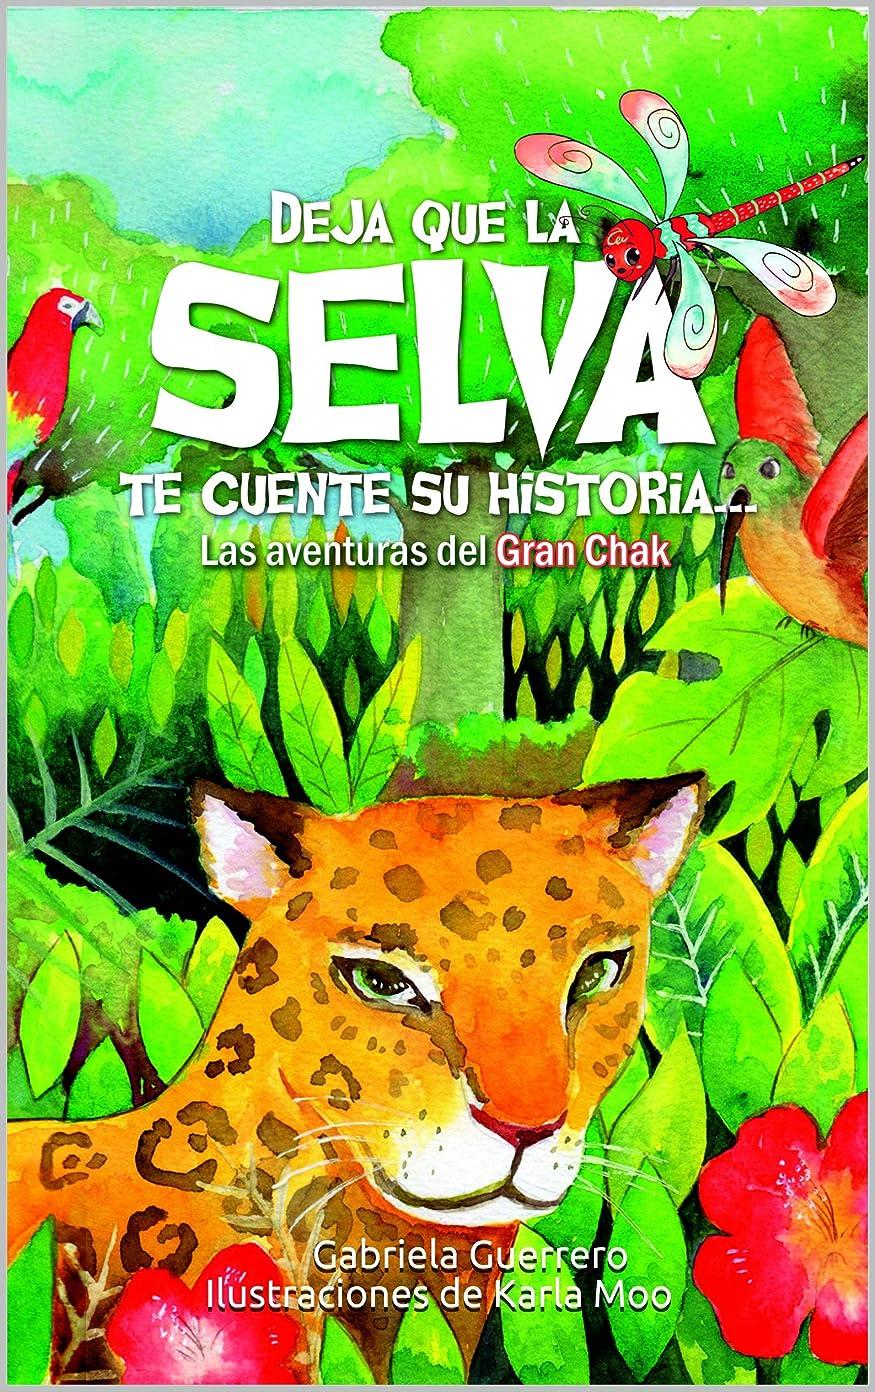 レトルトポジション鋸歯状Deja que la Selva te cuente su historia: Las aventuras del Gran Chak (Spanish Edition)